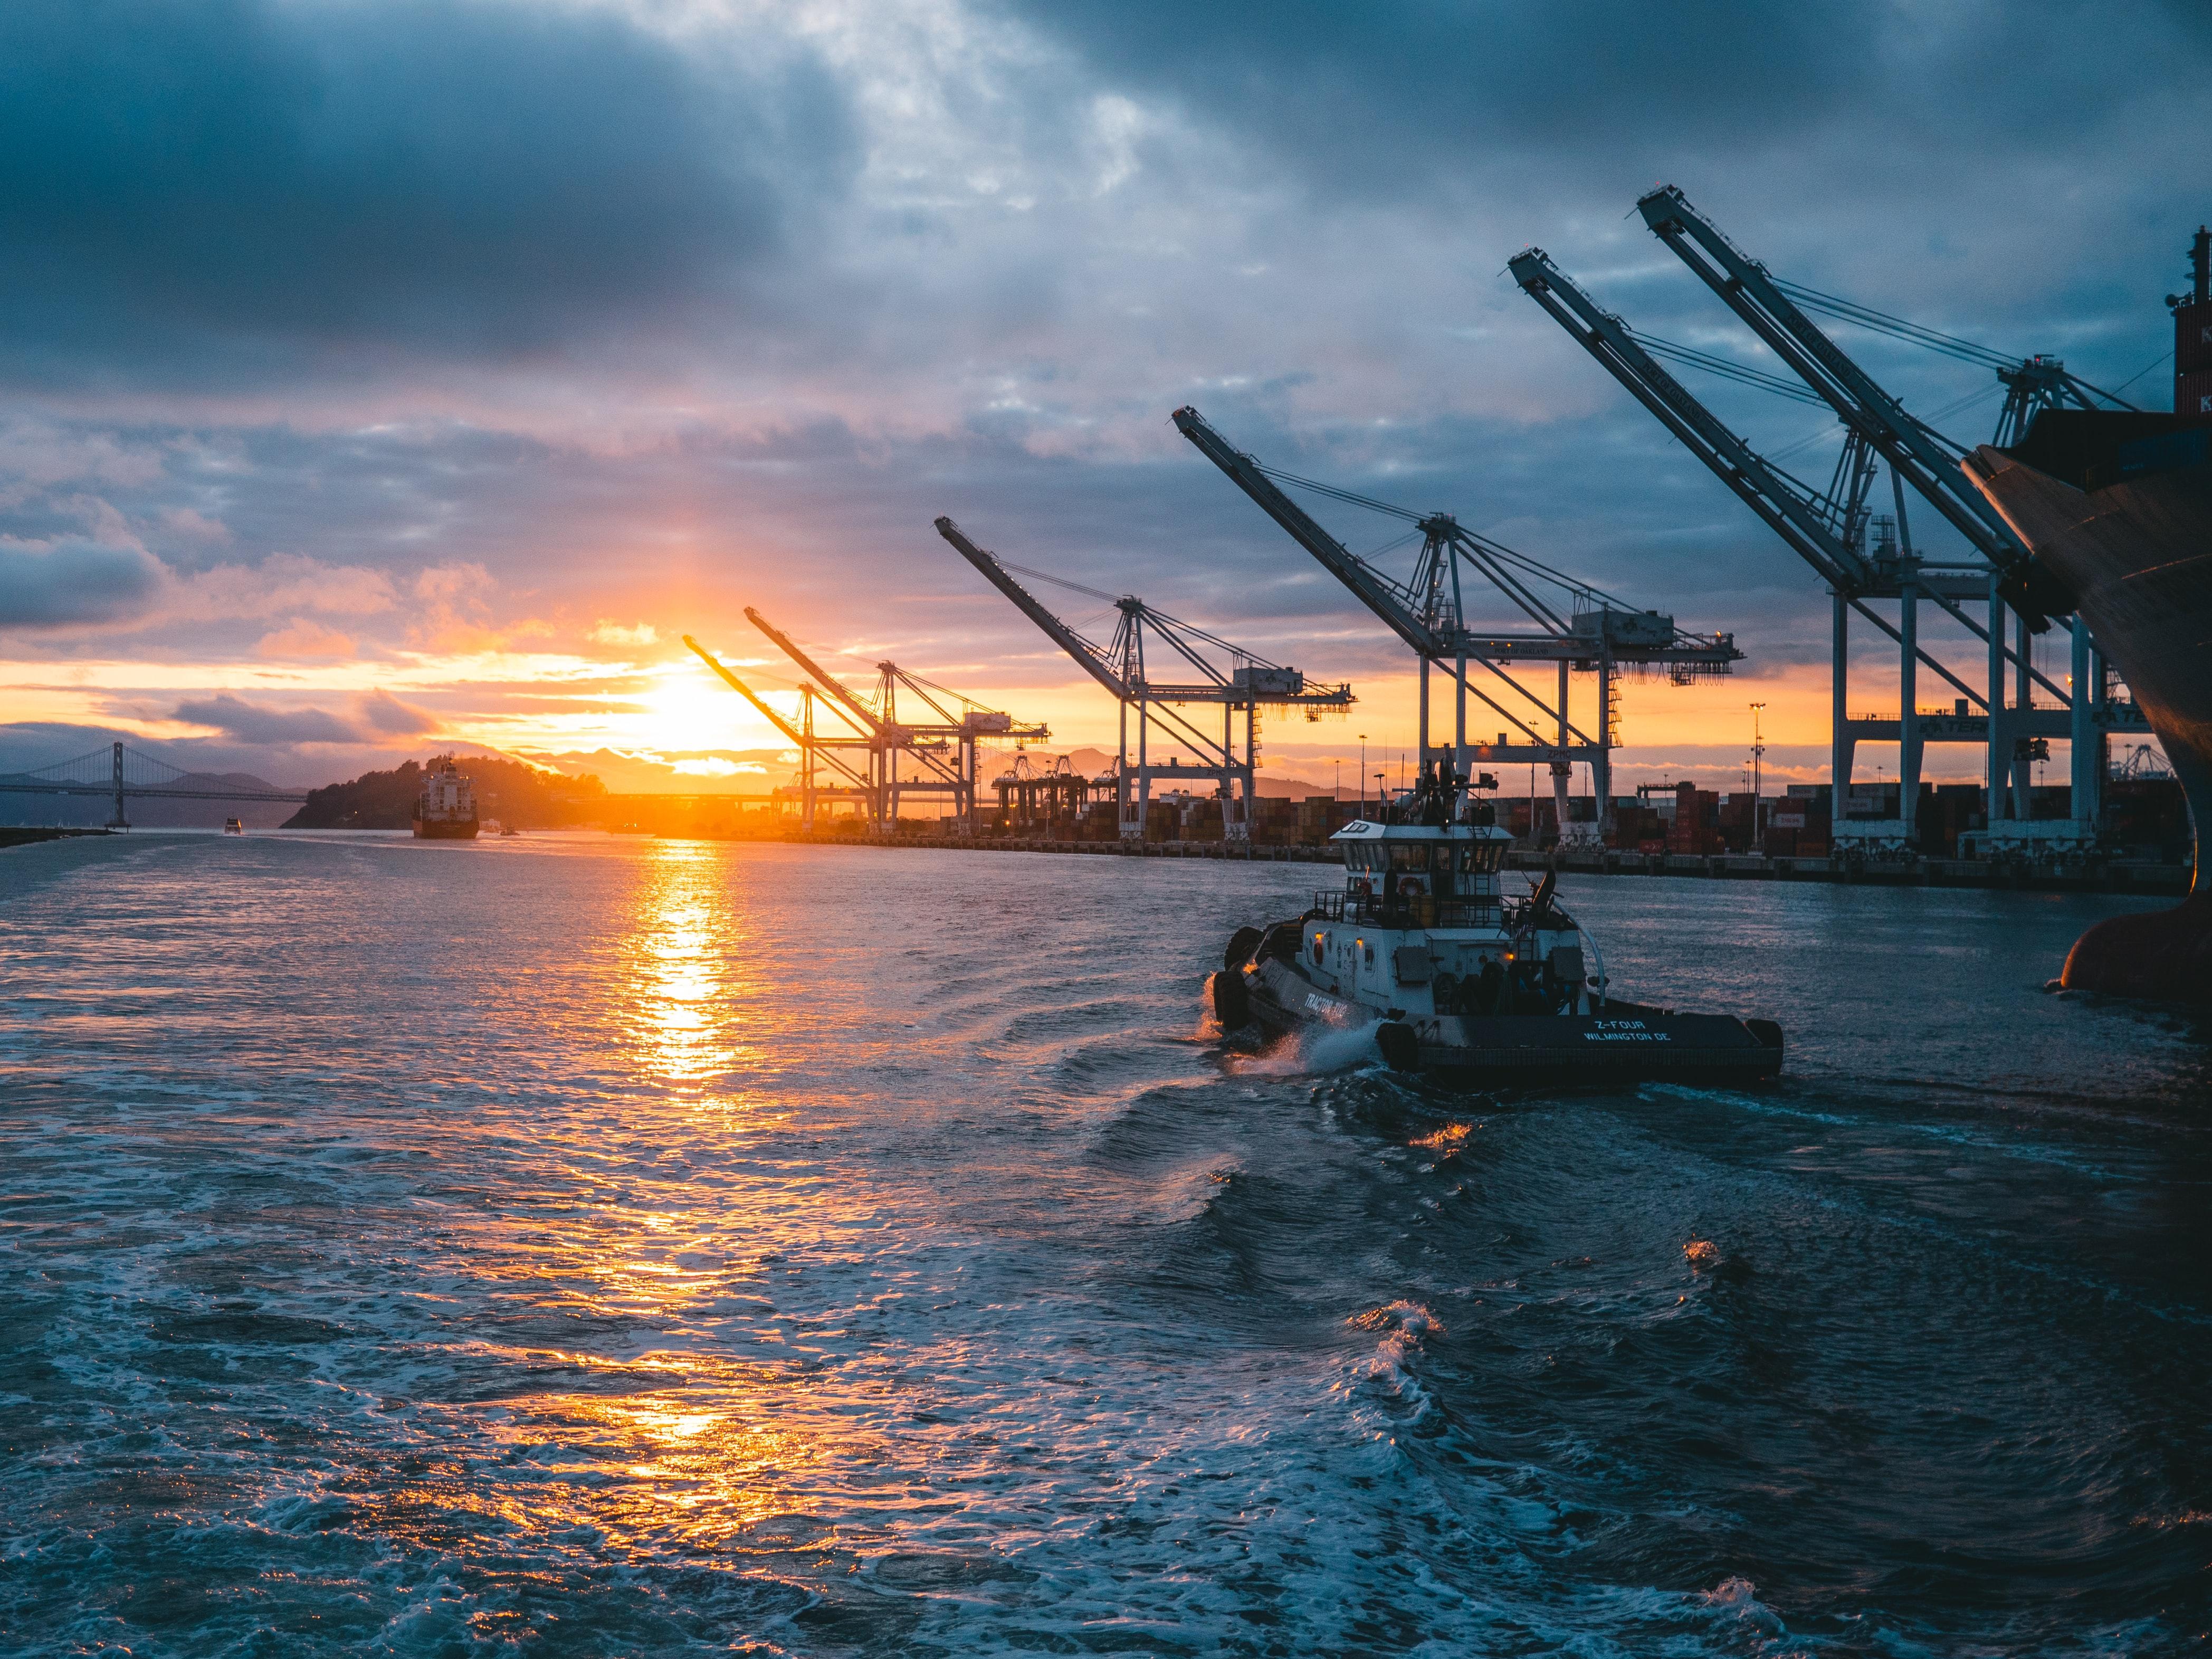 CapitalPanda | V súvislosti s rozhodnutím OPEC+ a opätovným otvorením trhu v Číne ceny ropy rastú